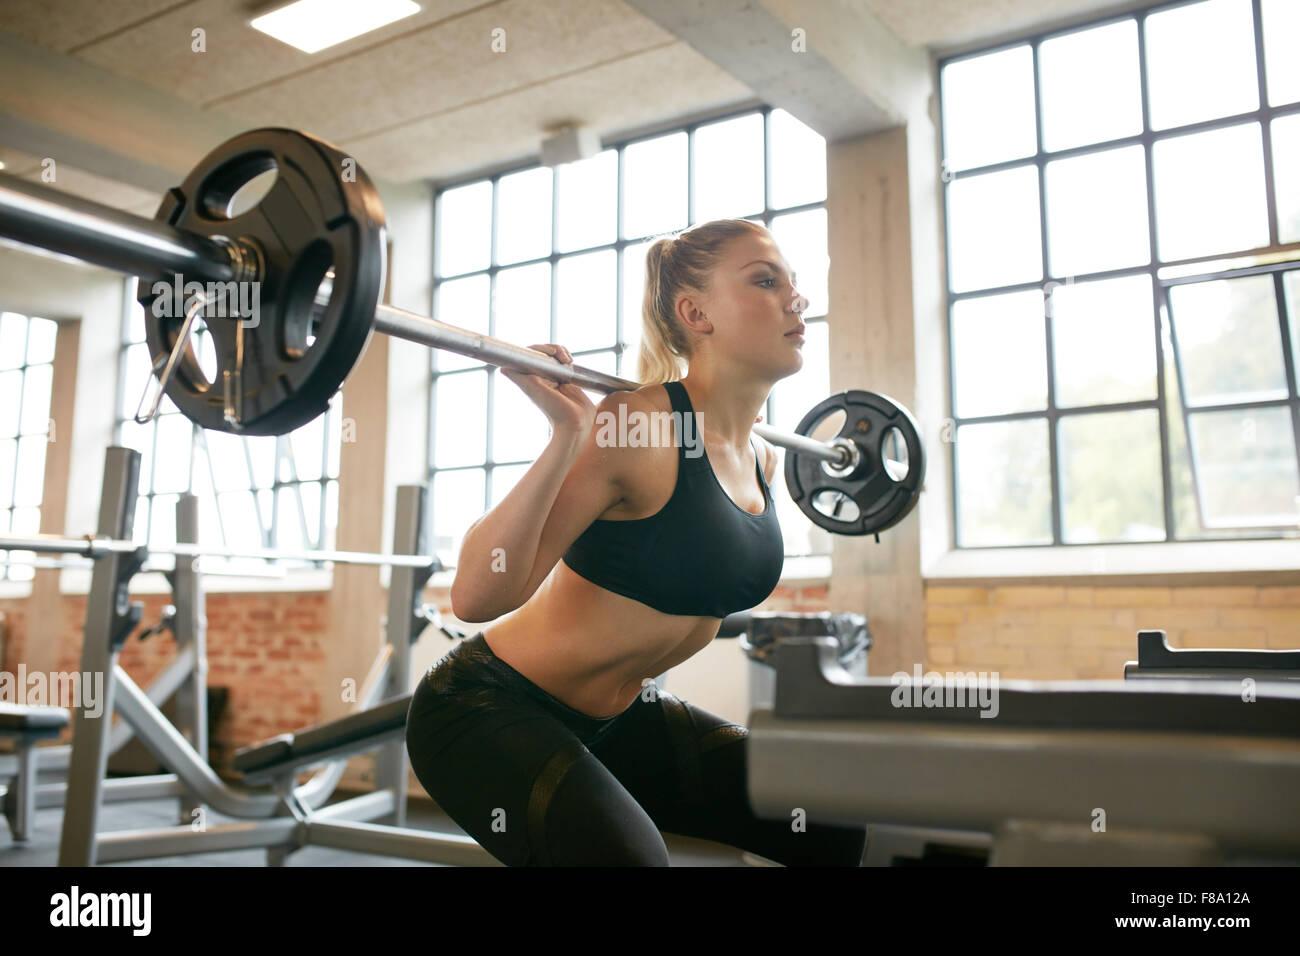 Weiblich, trainieren im Fitnessraum machen Kniebeugen mit Gewicht auf ihren Schultern. Junge Frau mit schweren Gewichten Stockbild